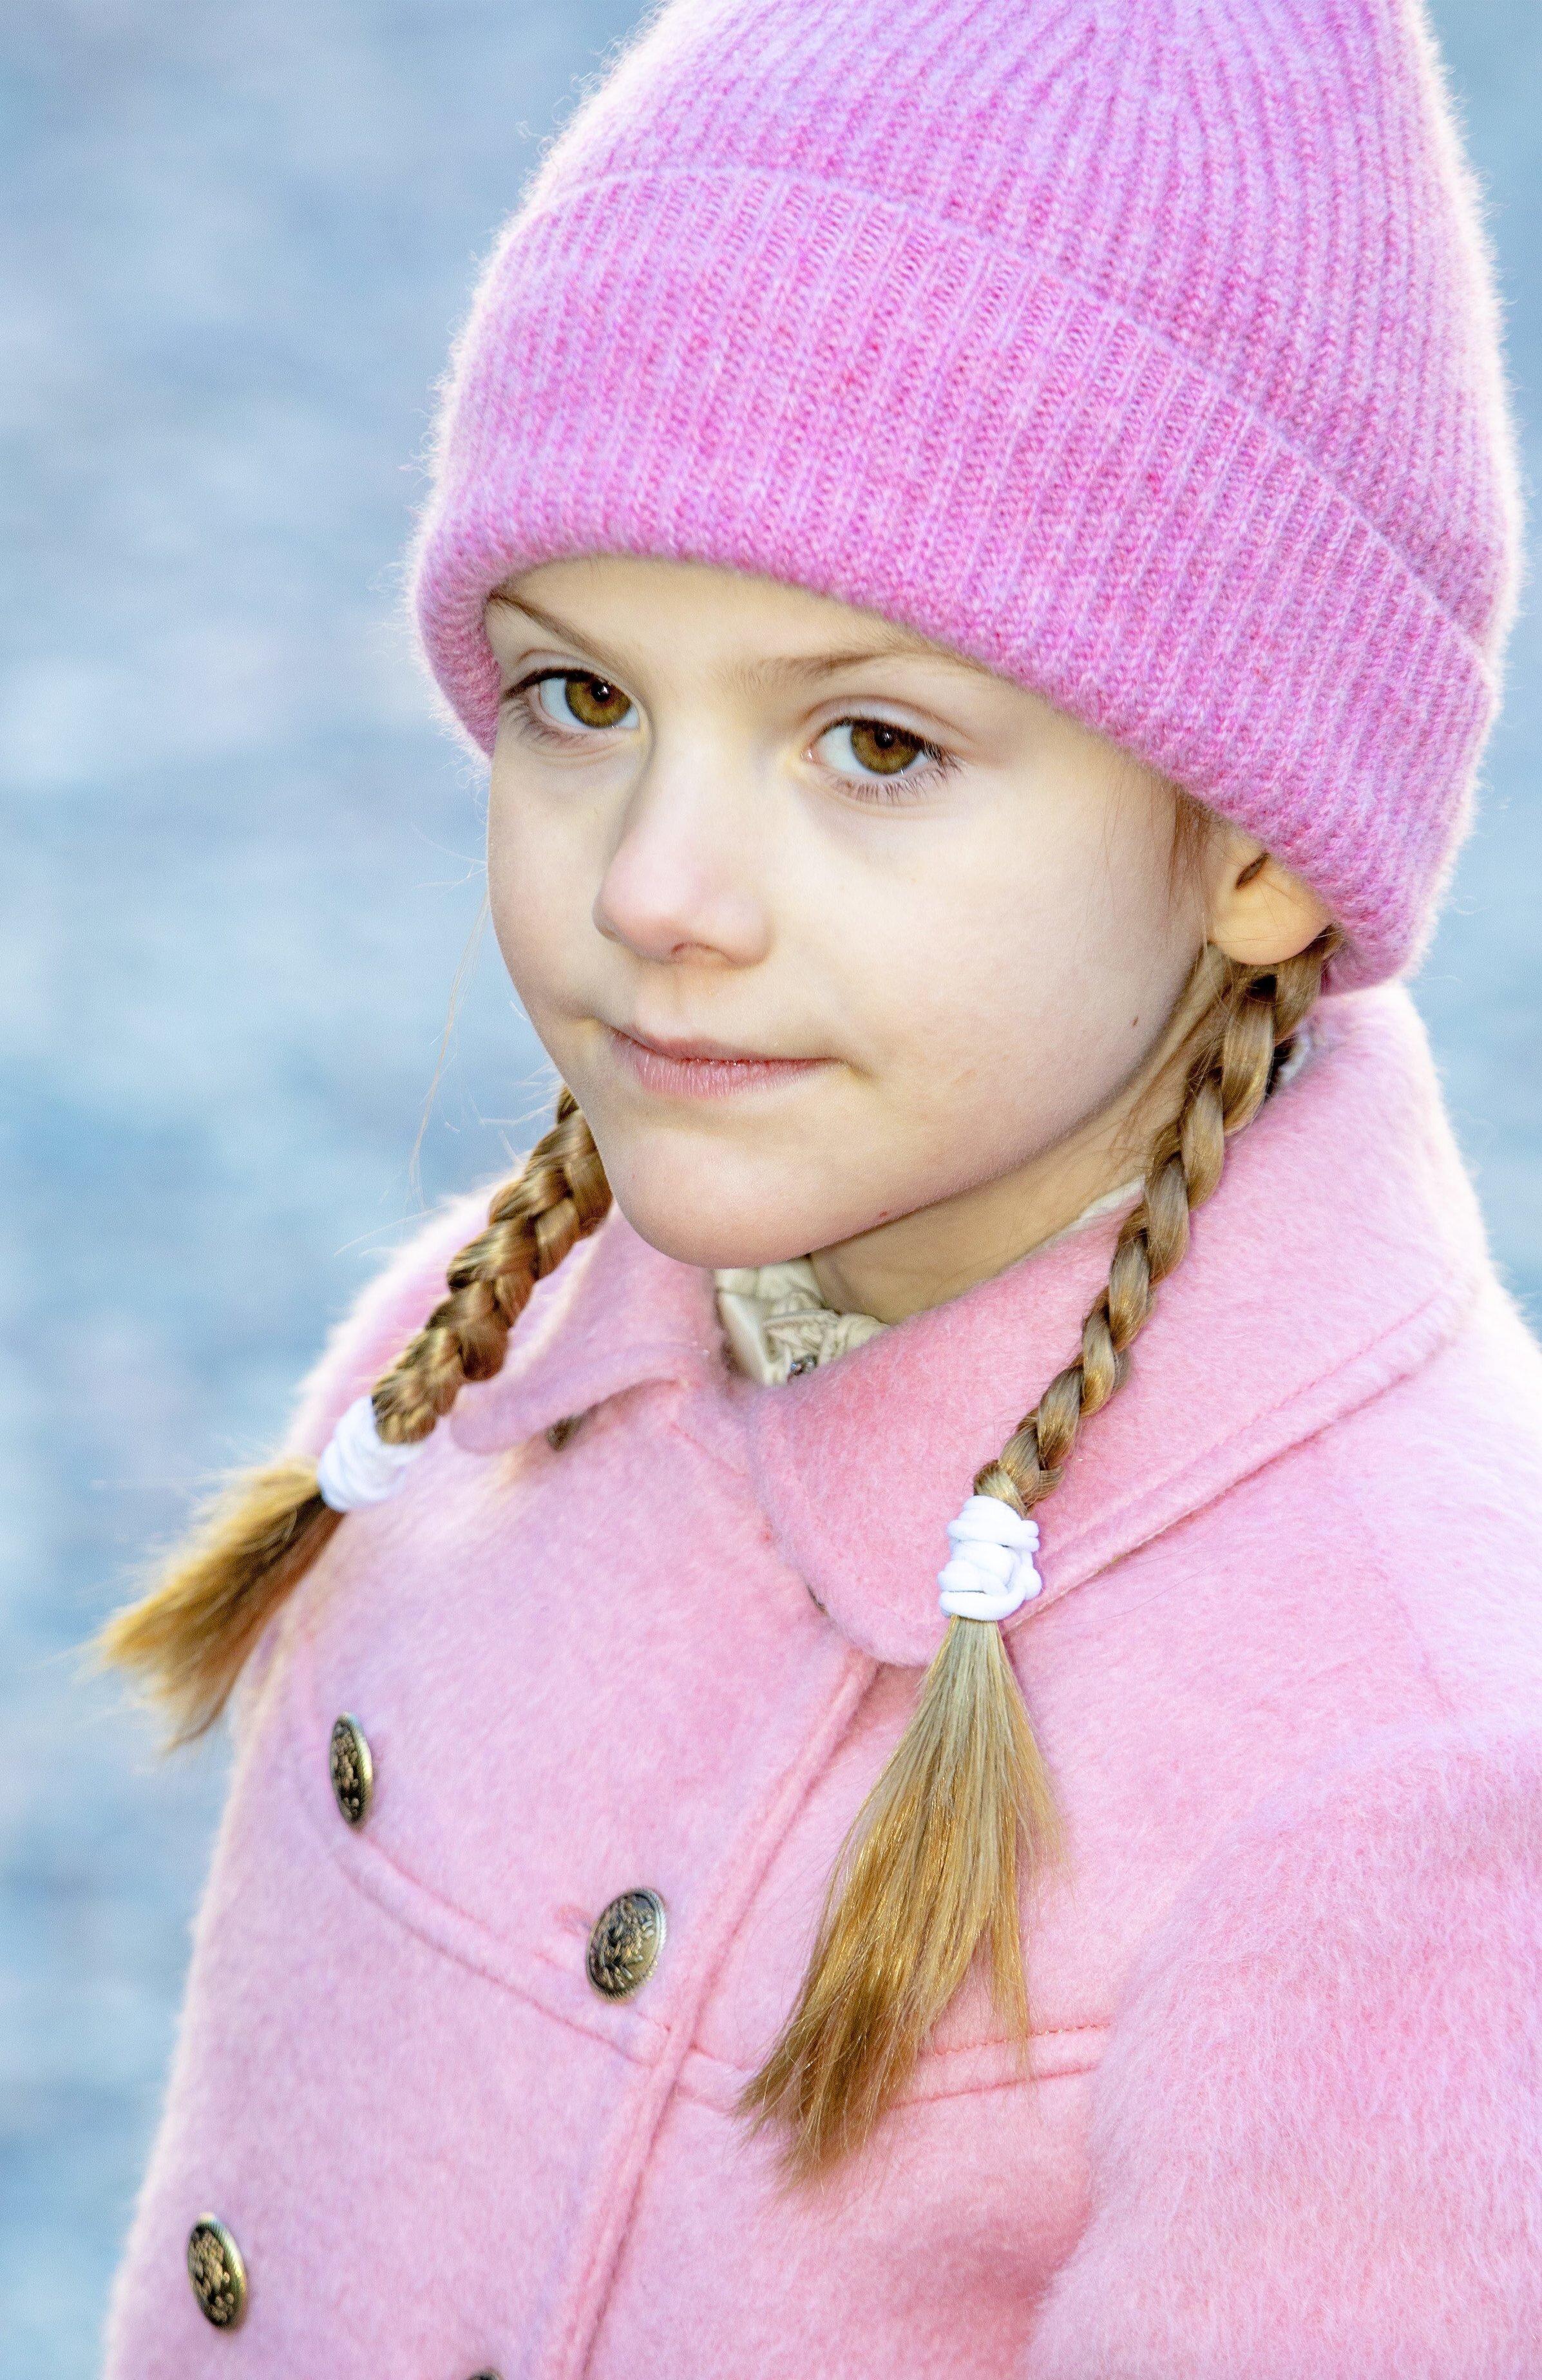 Prinzessin Estelle steht seit ihrem zweiten Lebensjahr auf Skiern. Dennoch kam es nun in den Alpen zu einem verheerenden Unfall.  © picture alliance/RoyalPress Europe